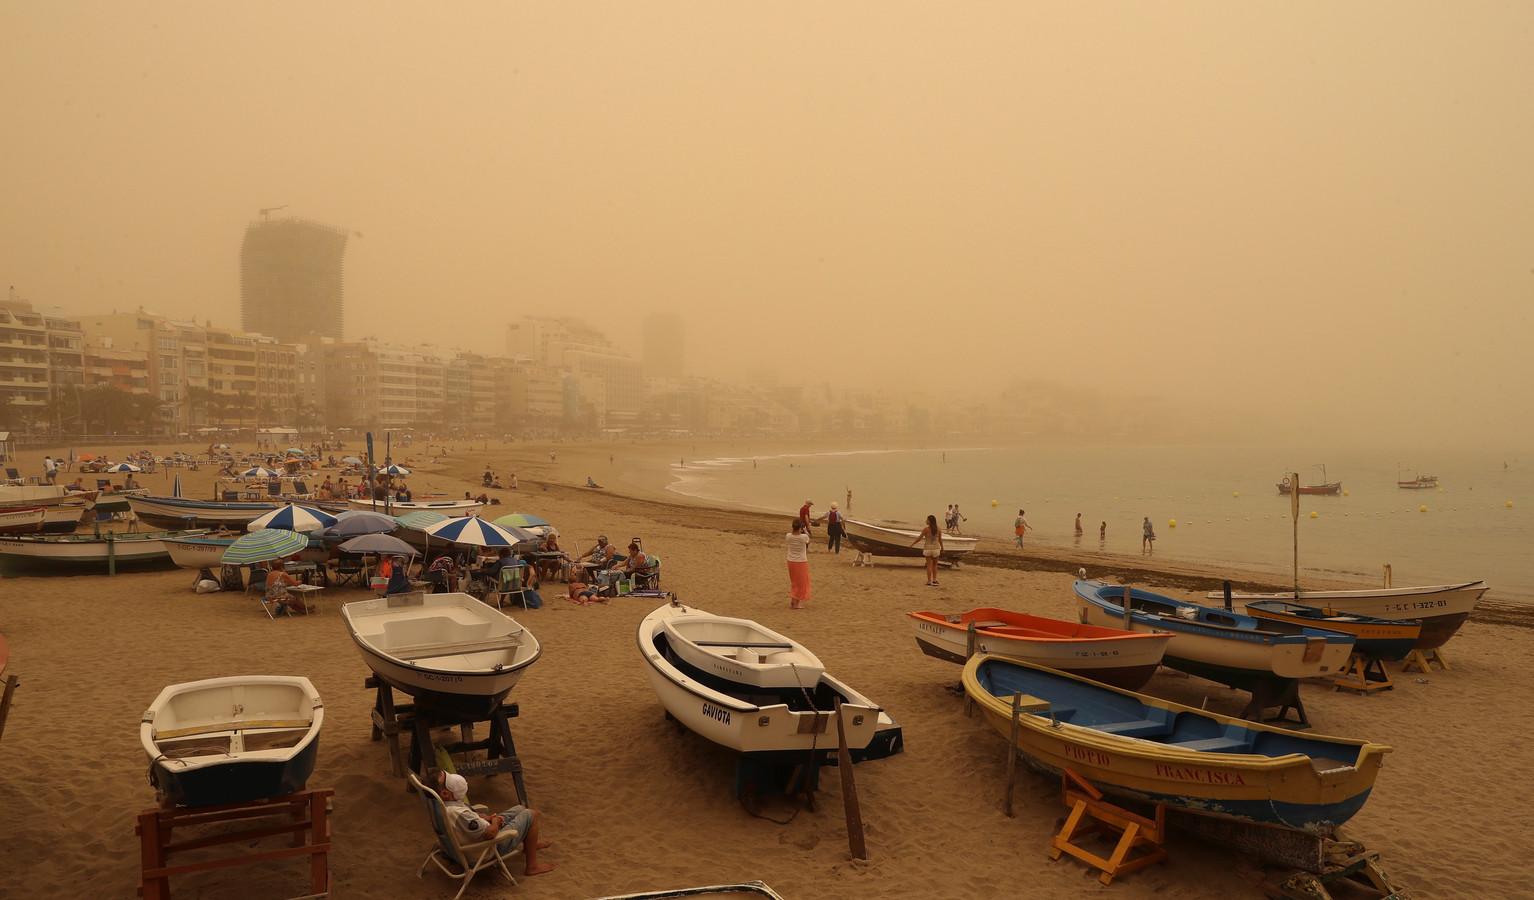 Las Palmas wordt overspoeld door Saharazand.